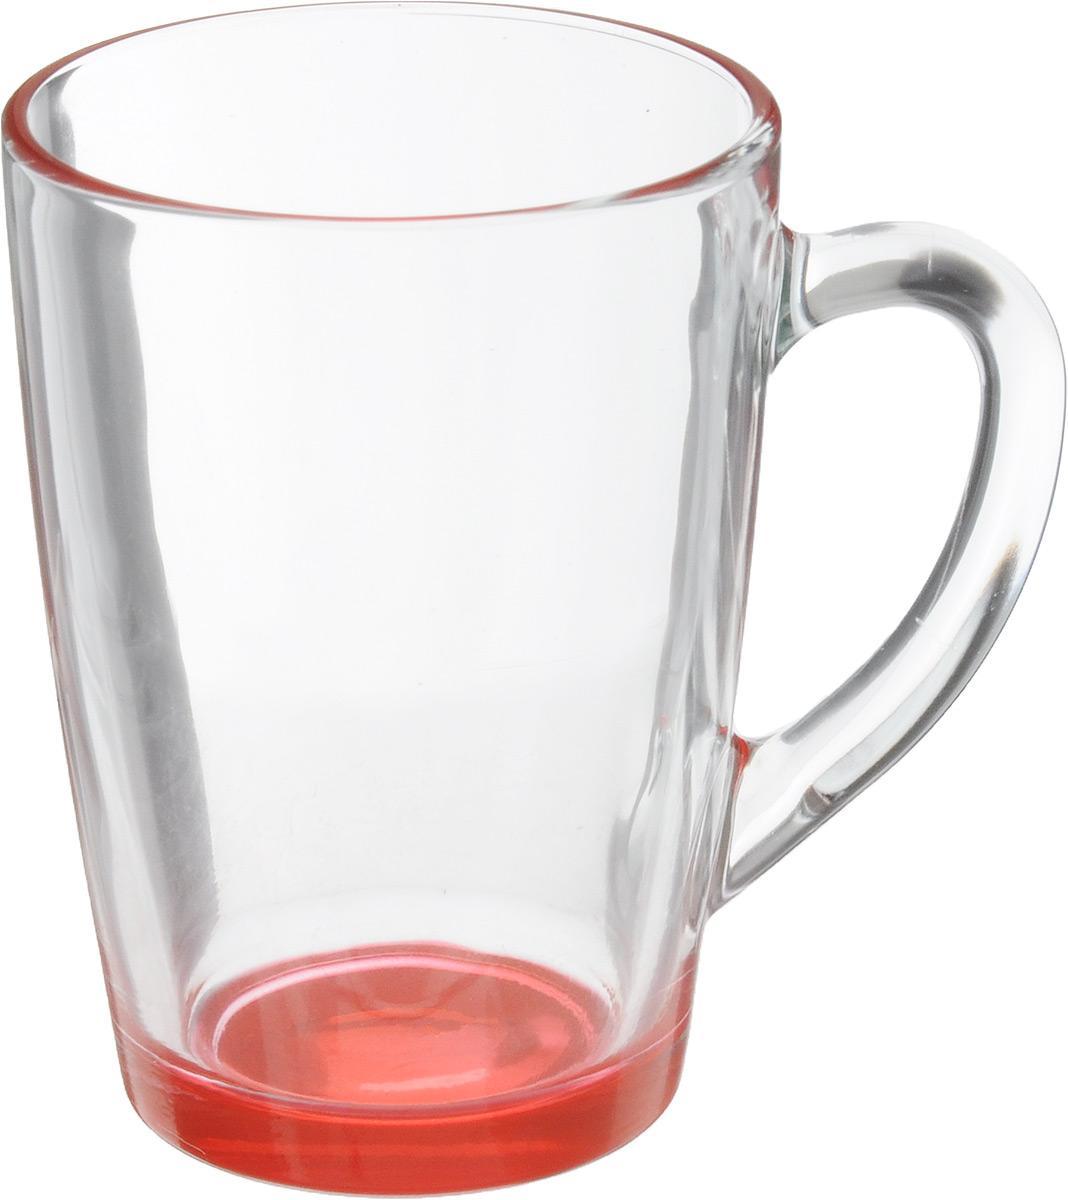 Кружка OSZ Капучино, цвет: прозрачный, красный, 300 мл. 07C1334LM07C1334LMКружка OSZ Капучино изготовлена из стекла двух цветов. Изделие идеально подходит для сервировки стола.Кружка не только украсит ваш кухонный стол, но и подчеркнет прекрасный вкус хозяйки. Диаметр кружки (по верхнему краю): 8 см. Высота кружки: 11 см. Объем кружки: 300 мл.